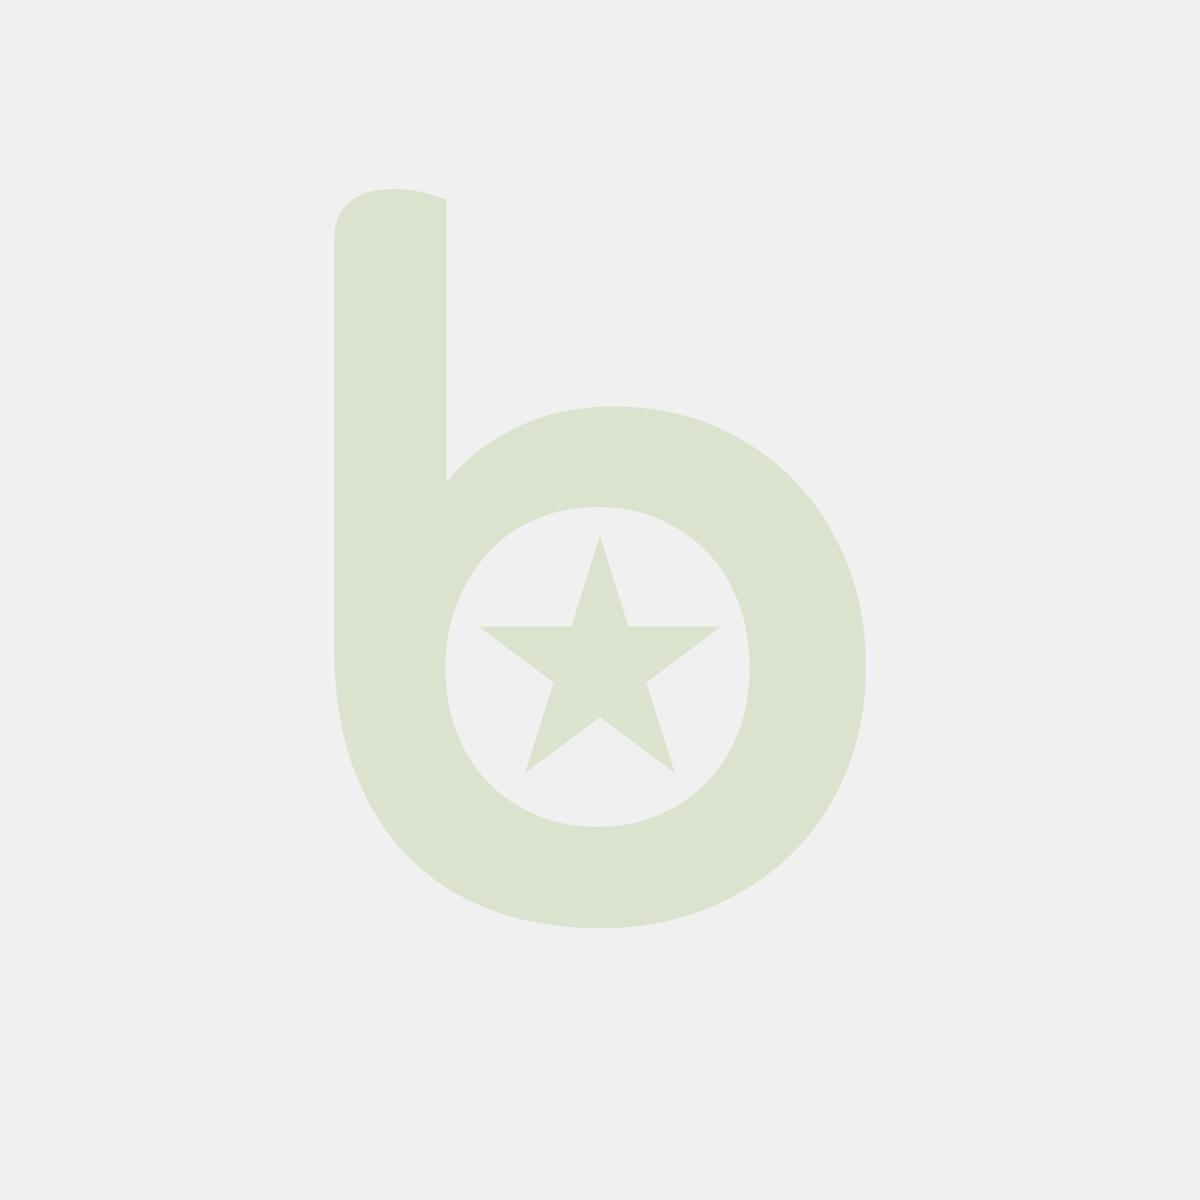 Kubek do sorbetu/granity/slush Płaski dekielek 350 ml/12oz seledynowy, cena za opakowanie 54szt